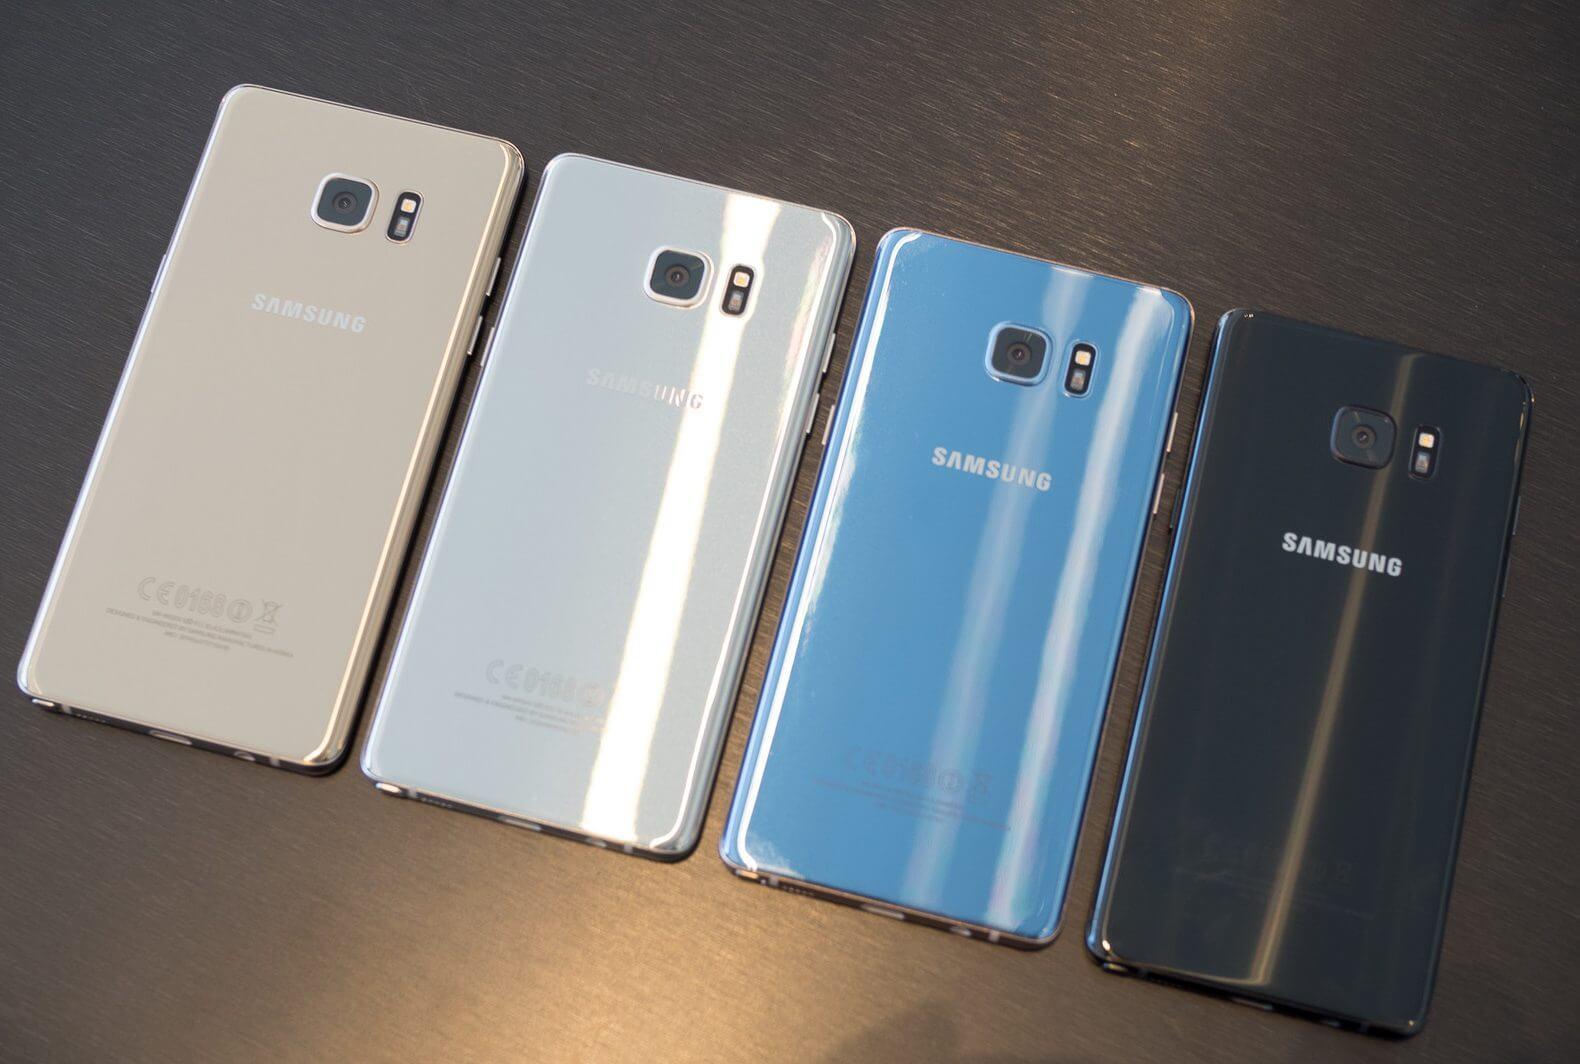 note 7 2 e1476109800149 - Samsung está para suspender a produção do Galaxy Note 7 depois de múltiplos modelos pegarem fogo